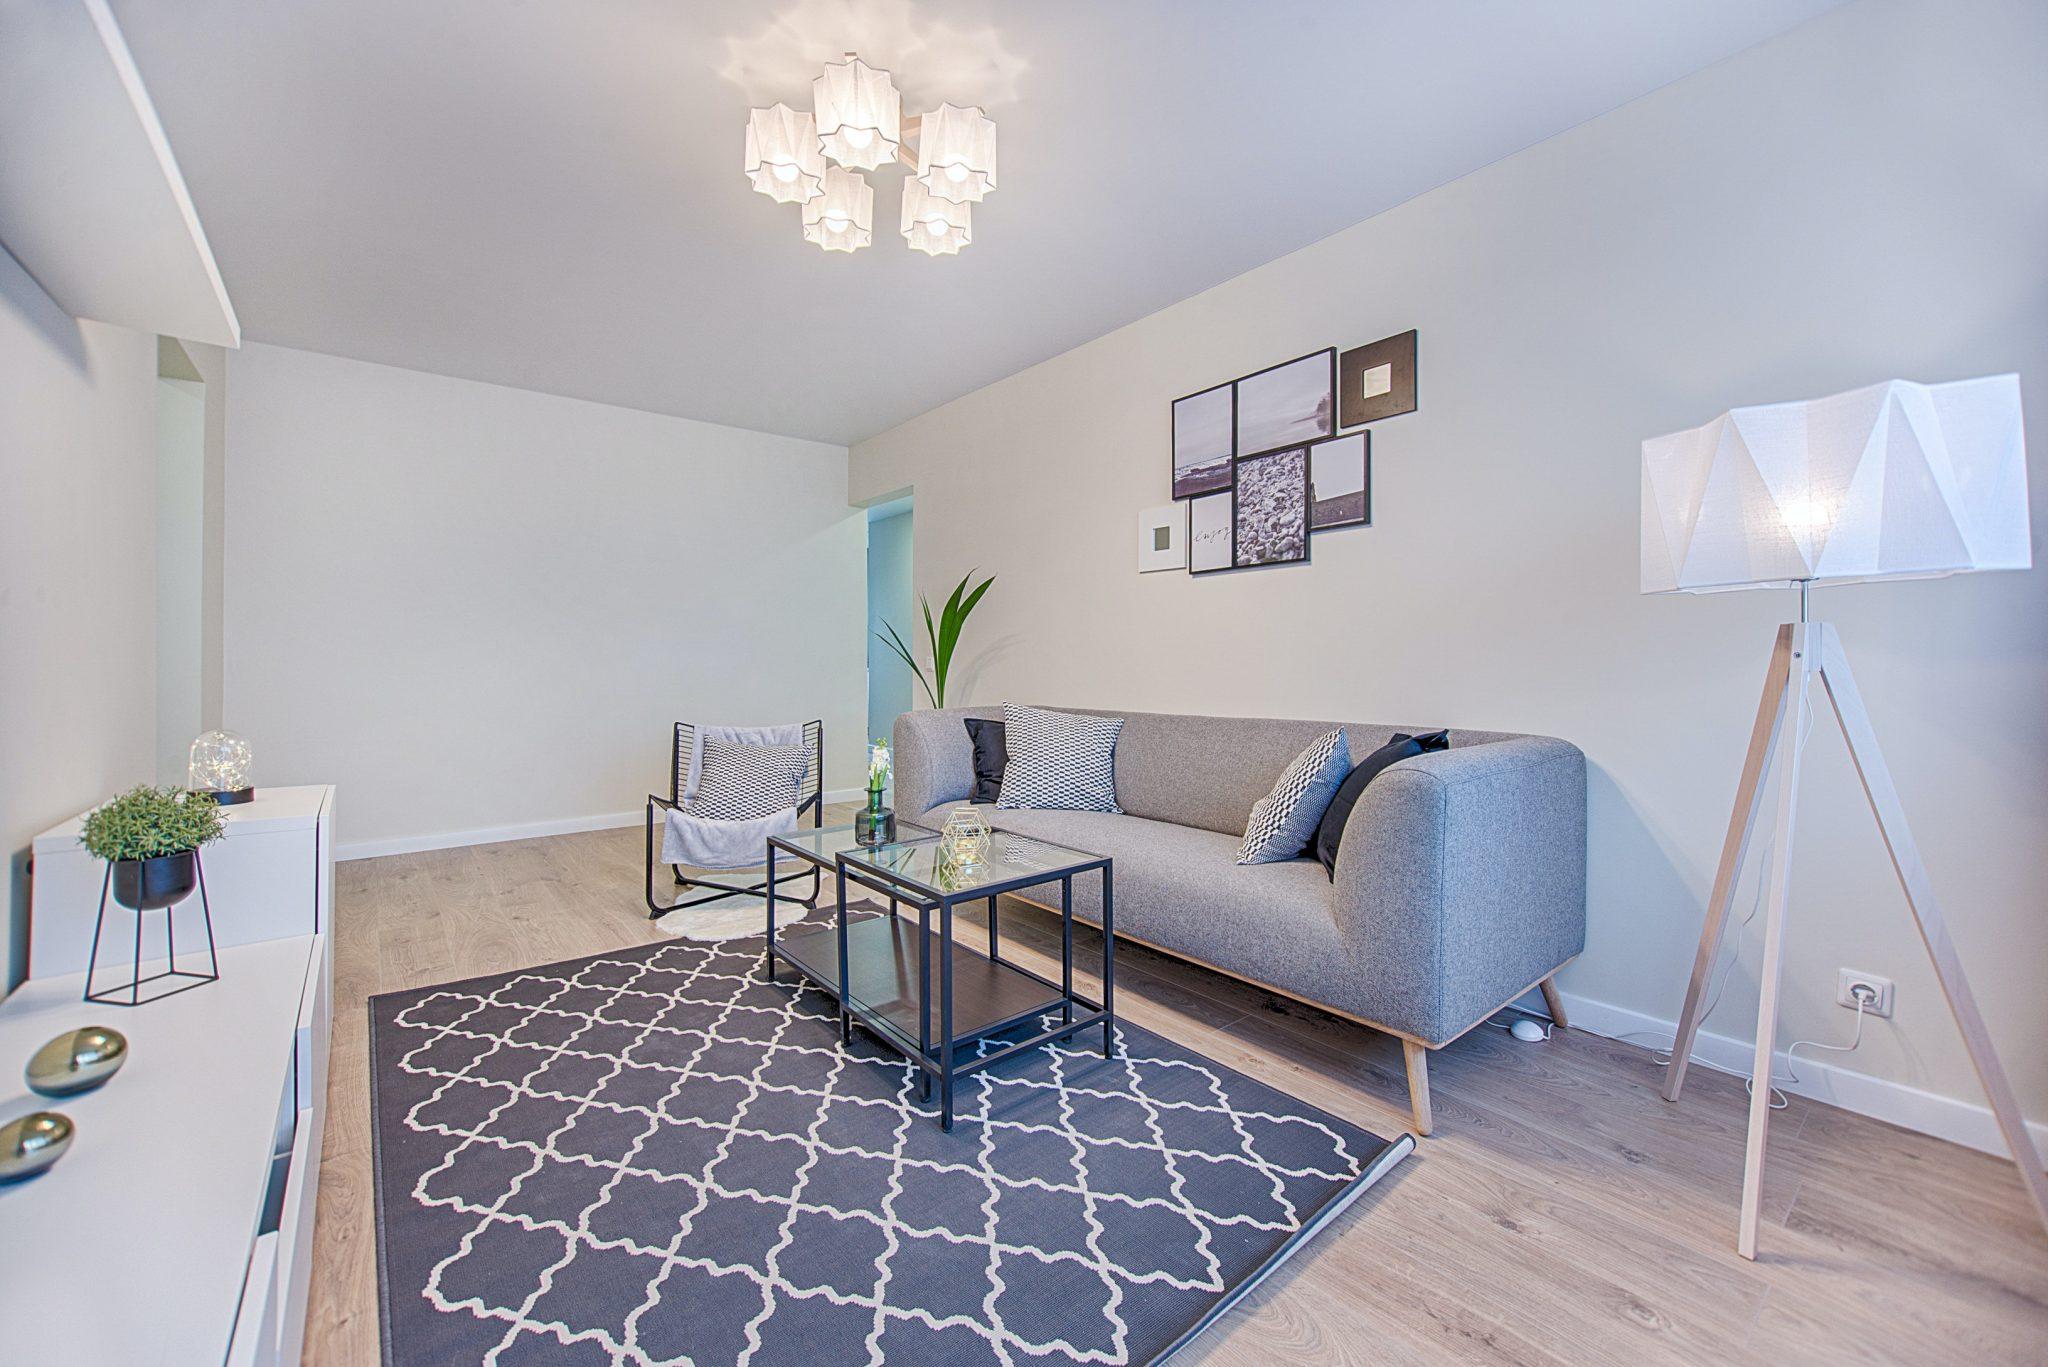 Как сделать правильный выбор при покупке квартиры